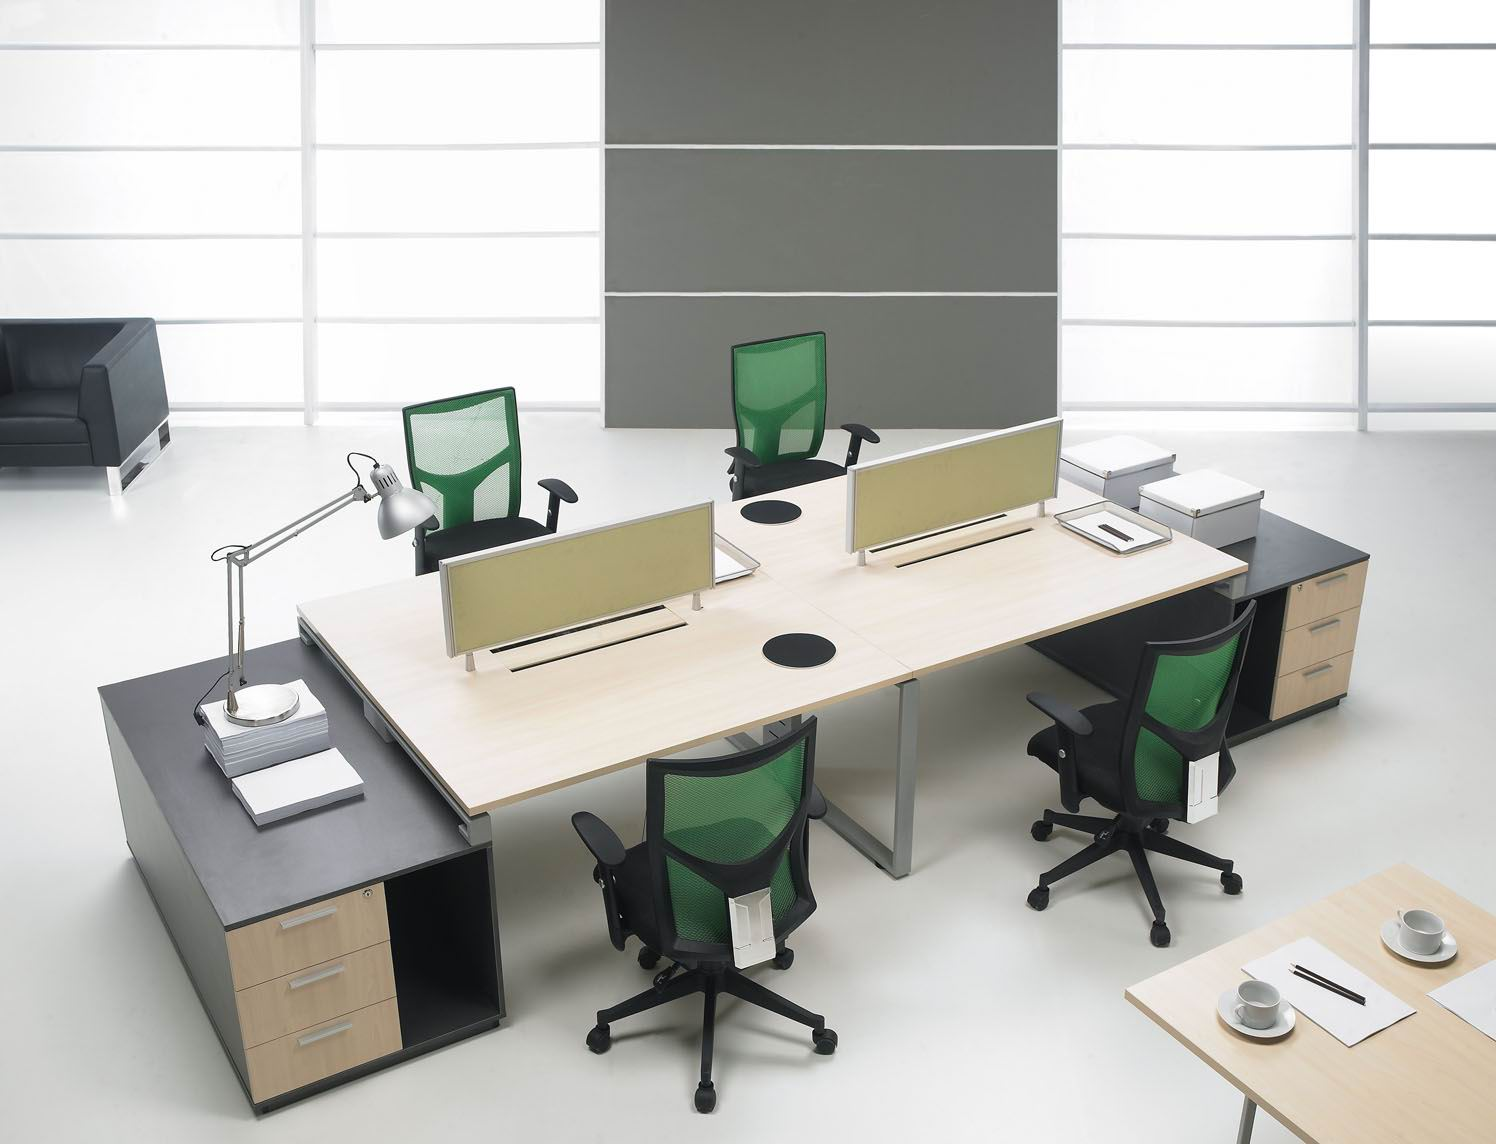 注:本文由上海明亞家具官網首發,轉載需注明出處。  辦公室家具是整個公司文化、經濟、品味的體現,不過,好的家具對企業來說都是一個不小的開支,那么如何能做到最少的投資又能保證整體效果呢?科爾卡諾在這里科普一些辦公室家具省錢的細節?,F在家具市場上有很多游擊隊,表面上看起來他們比正規家具公司要省錢,但是實際上游擊隊在管理和監督上還有做工上都良莠不齊,購買完后可能還需要二次加工,造成更大的資金浪費。